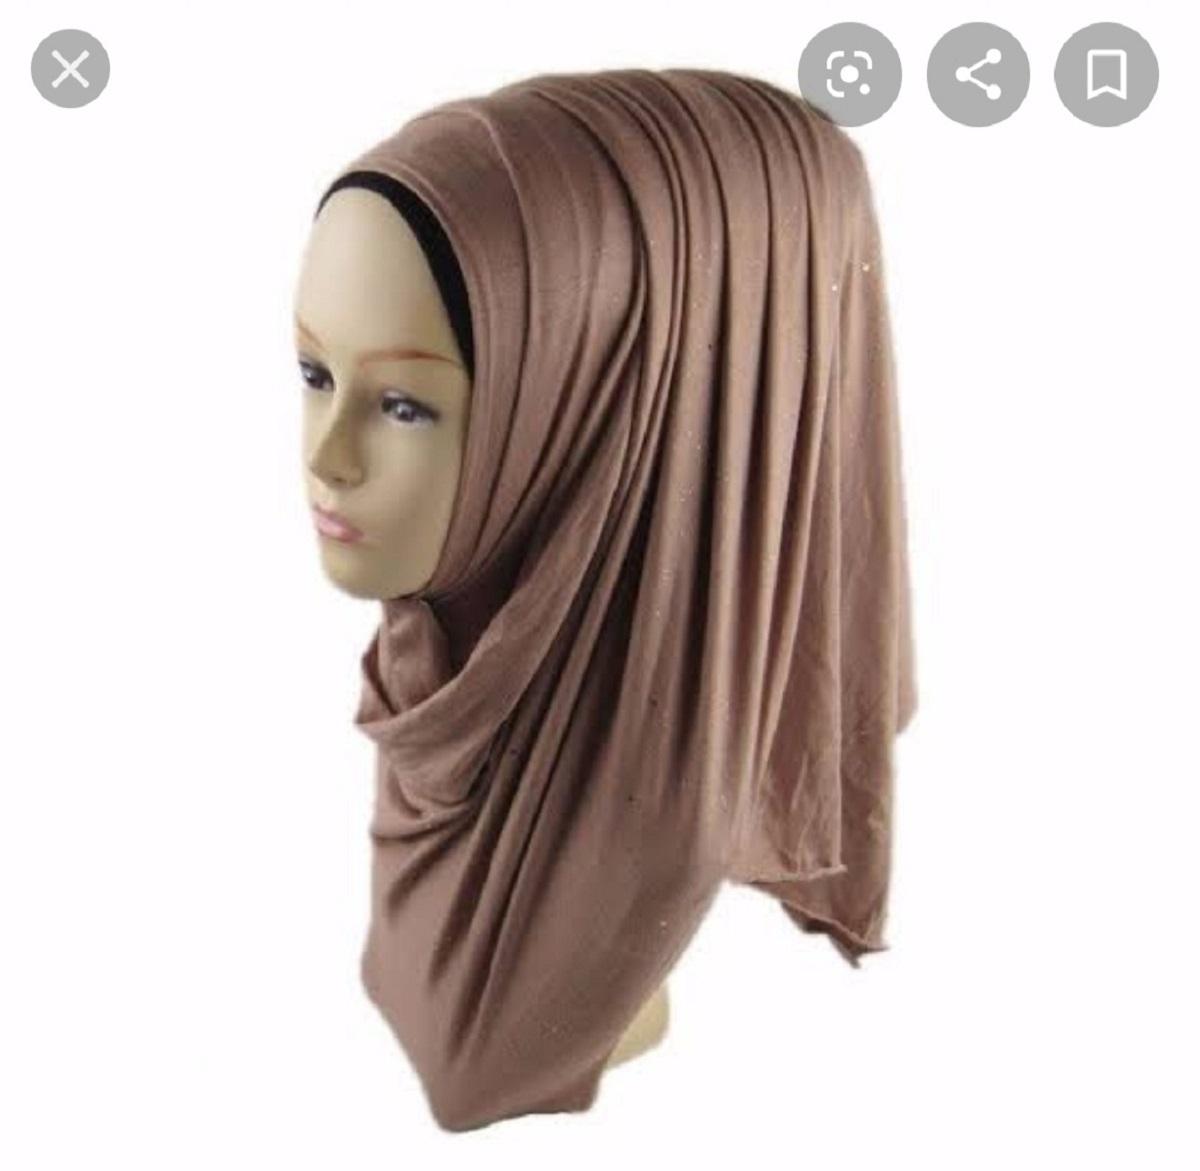 Printed scarf & georgette scarf